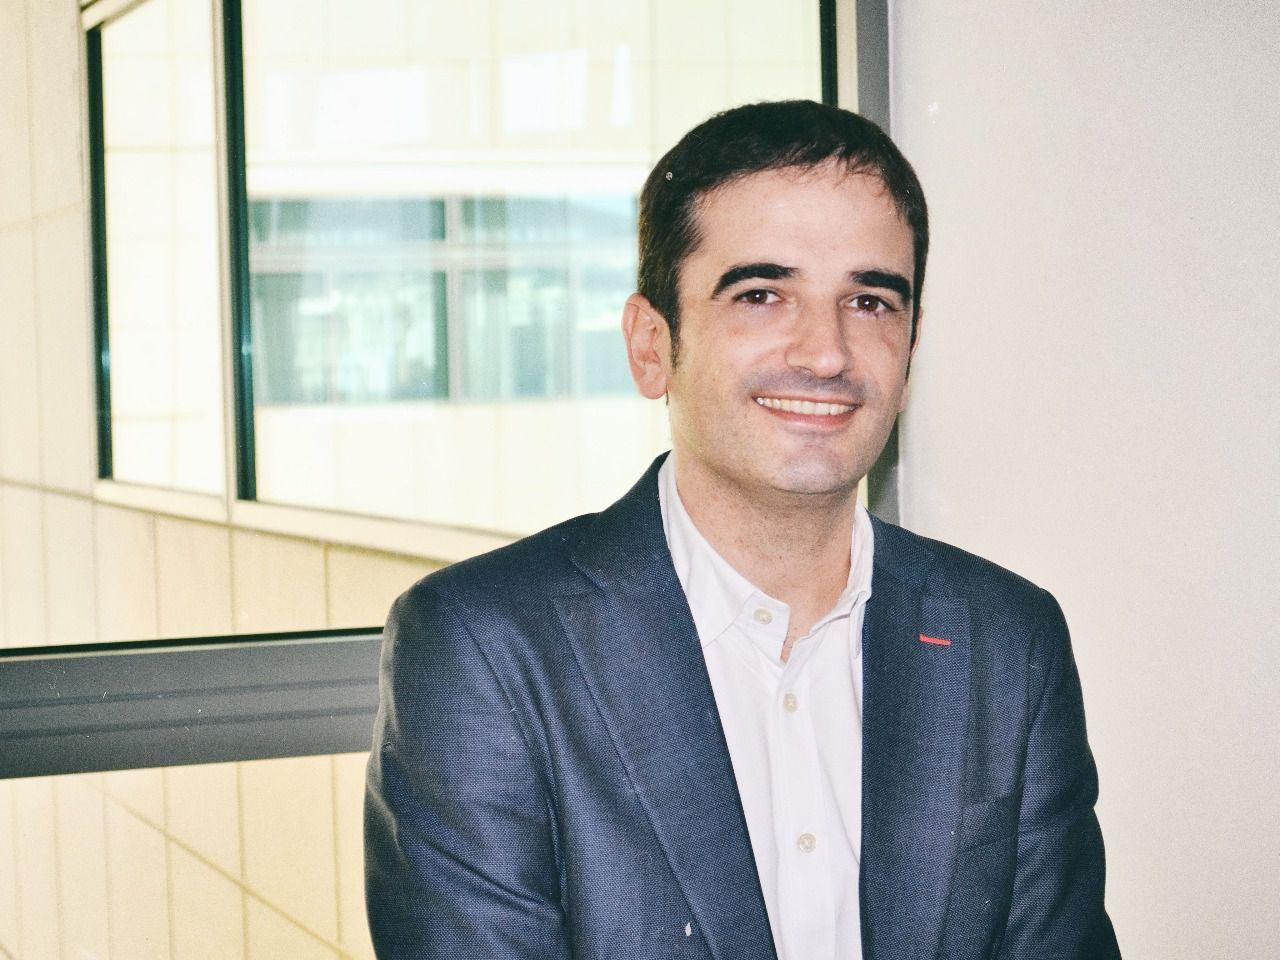 David Tomás, CEO de Cyberclick, la mejor empresa para trabajar: